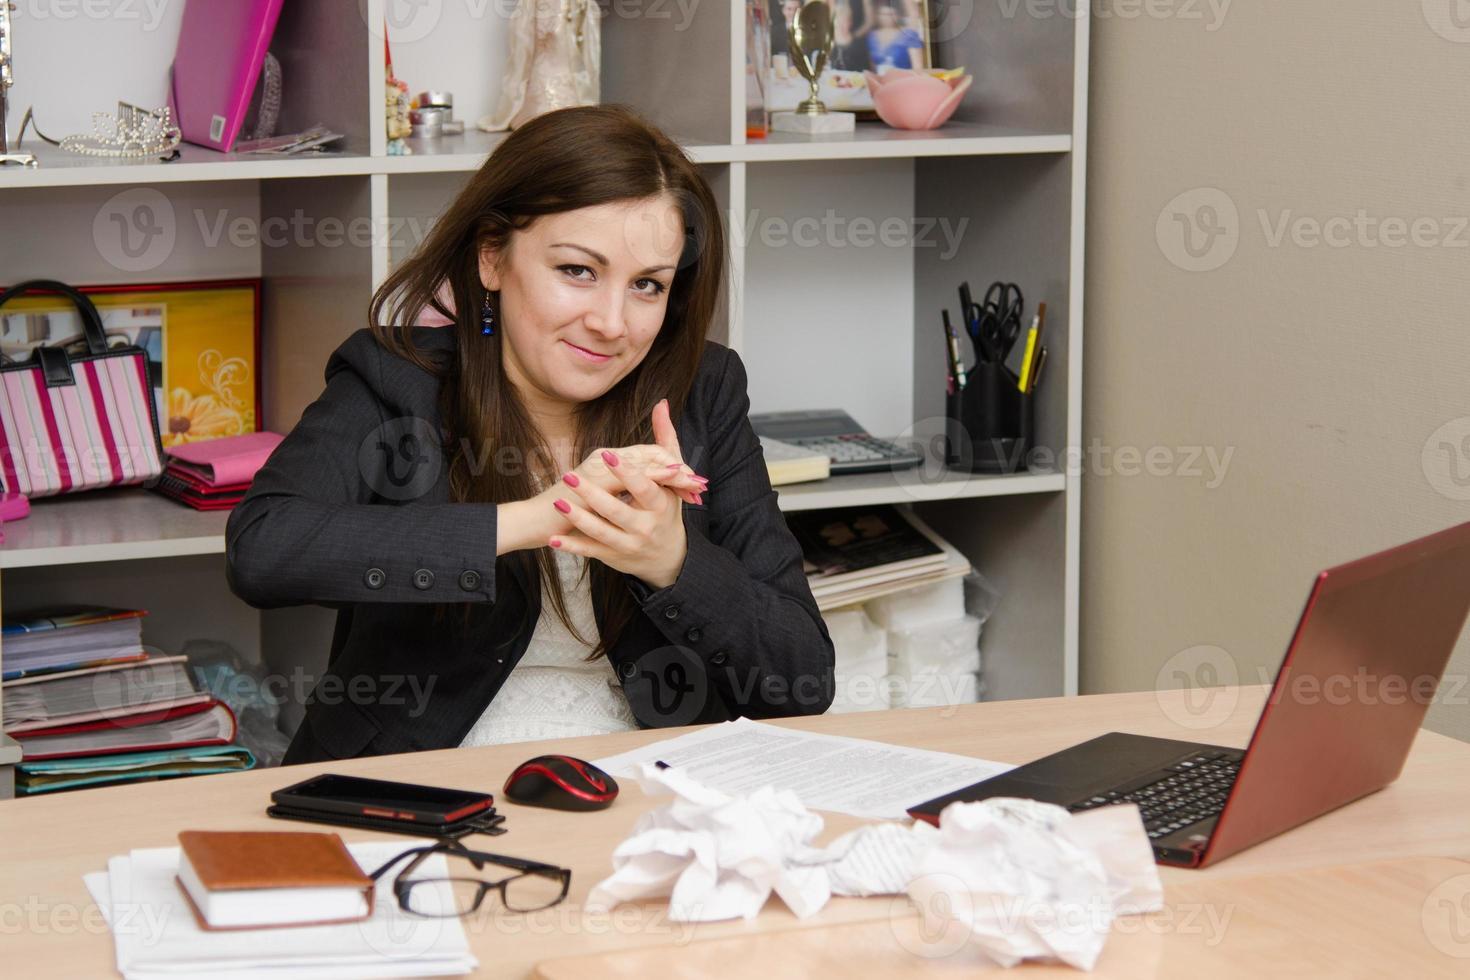 meisje het kantoor in handen een stuk papier verkruimelen foto